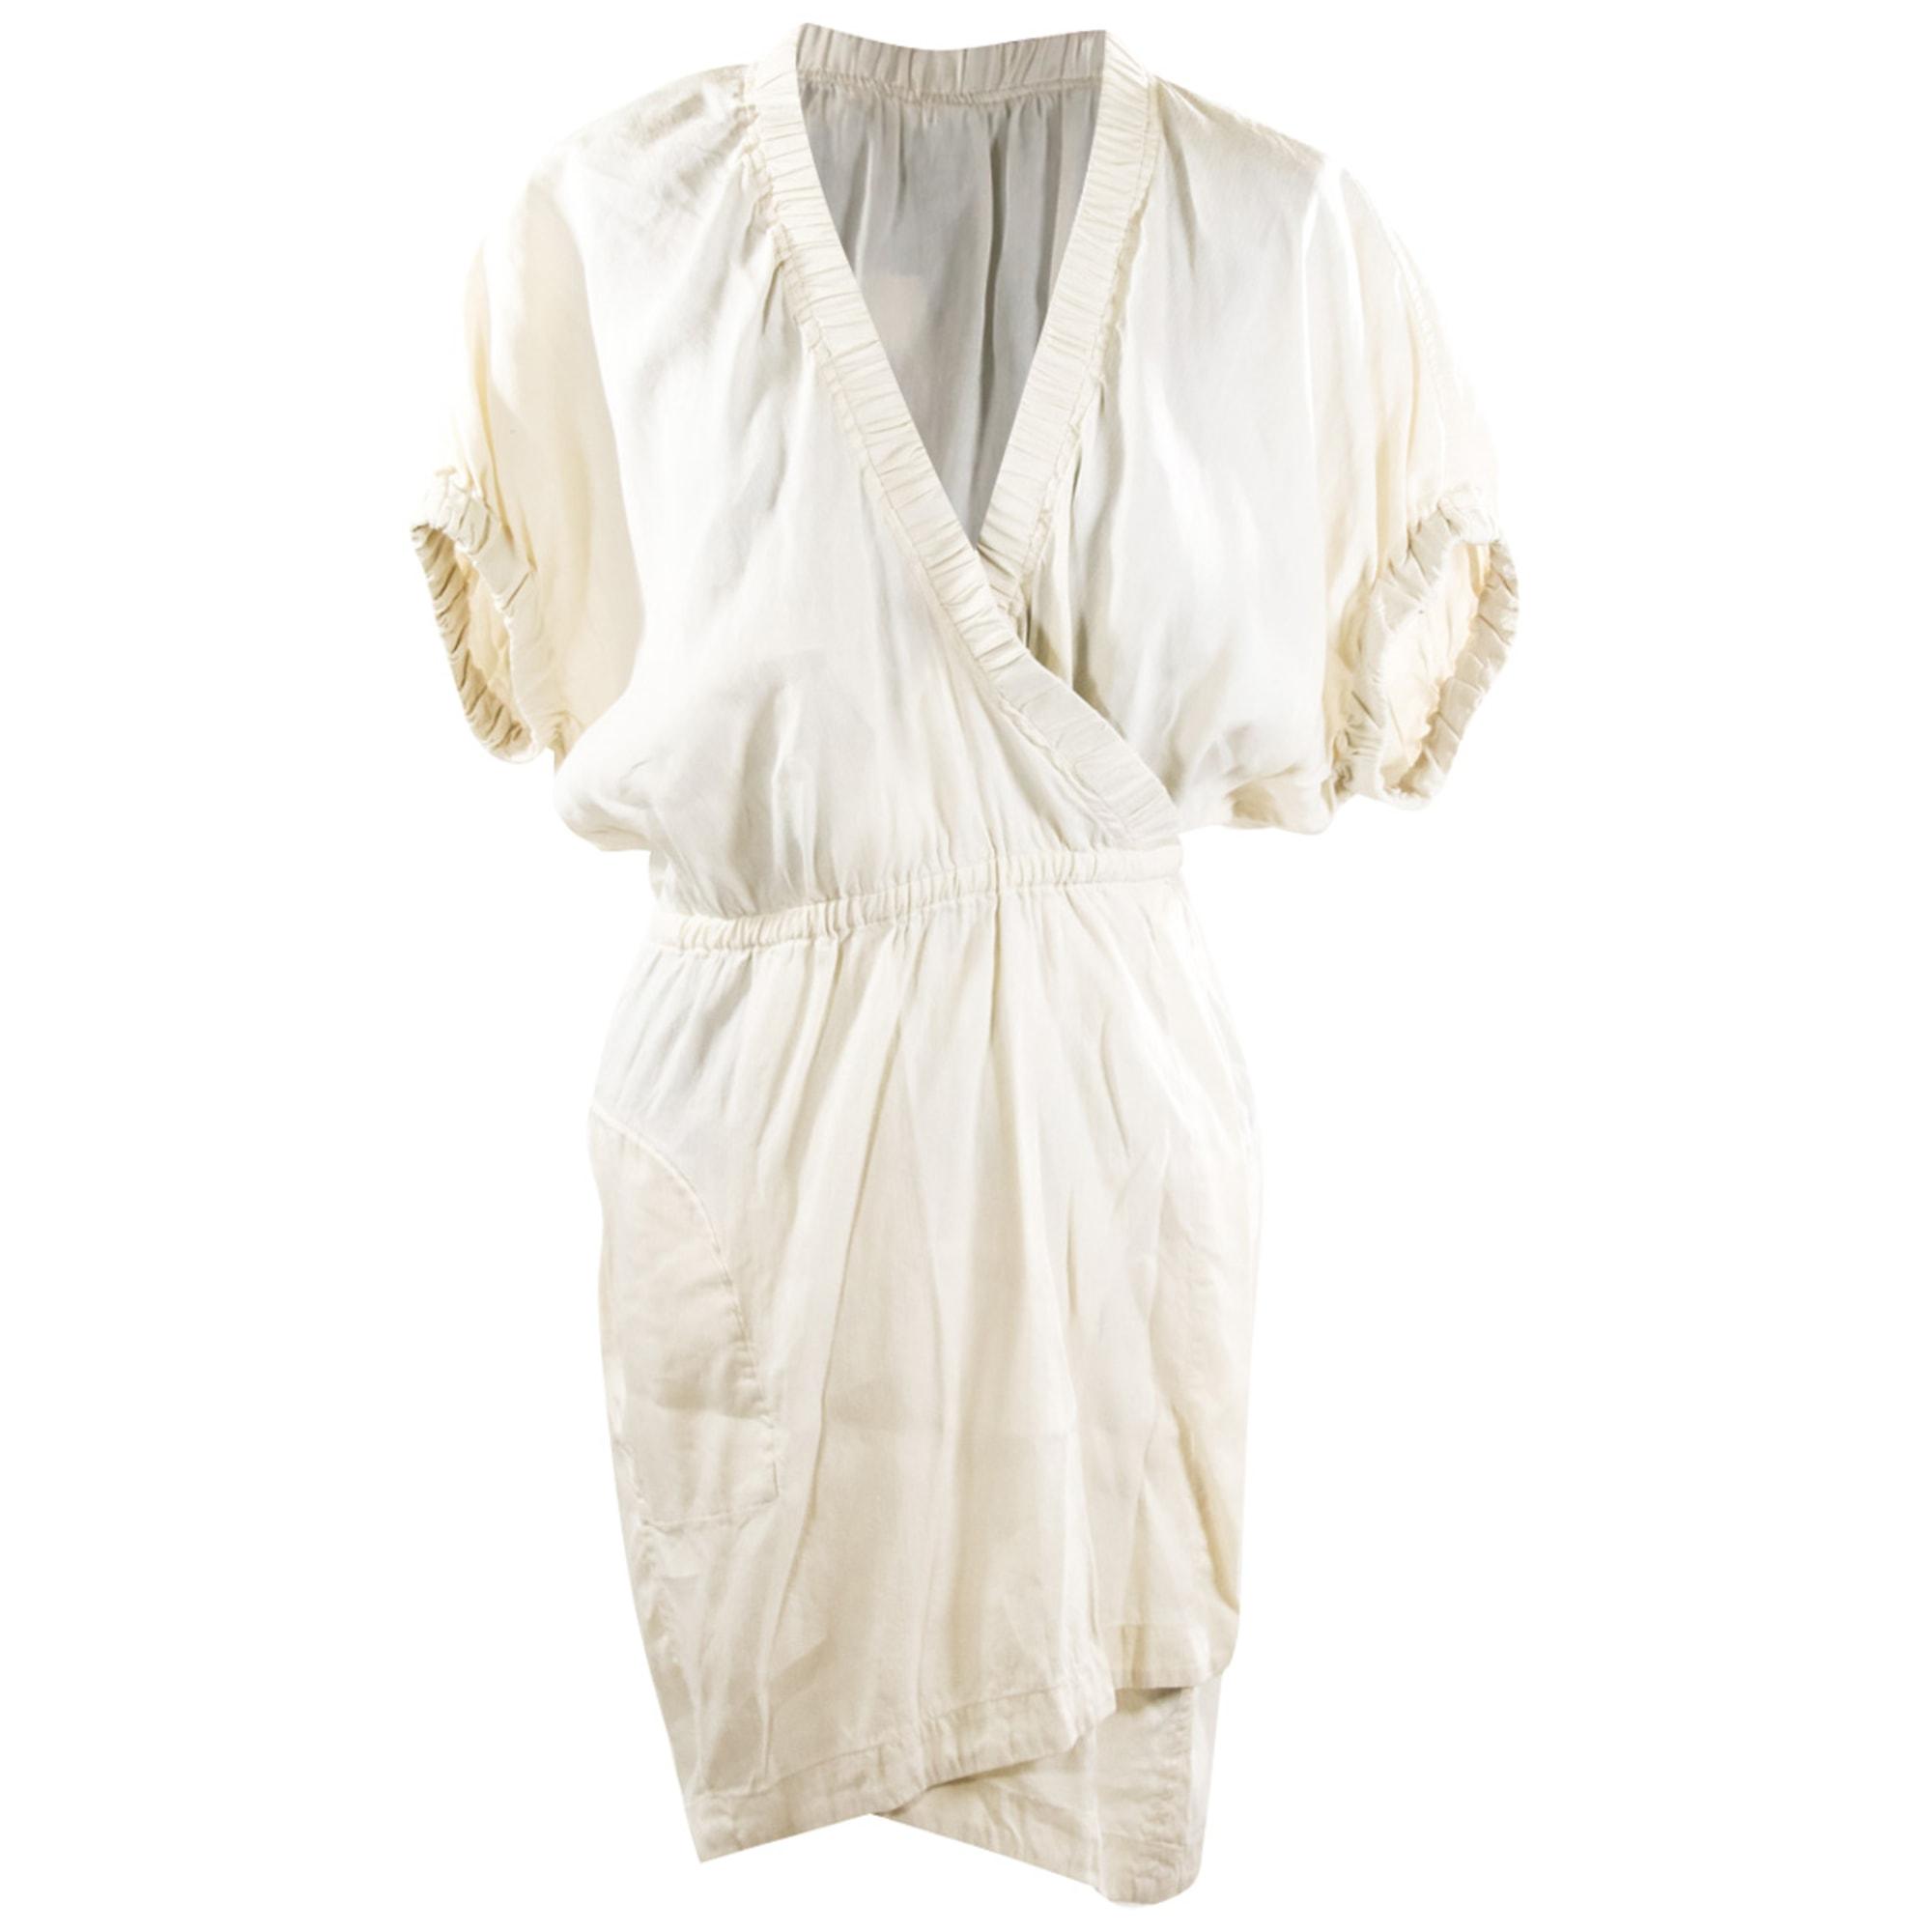 Robe mi-longue ISABEL MARANT Blanc, blanc cassé, écru